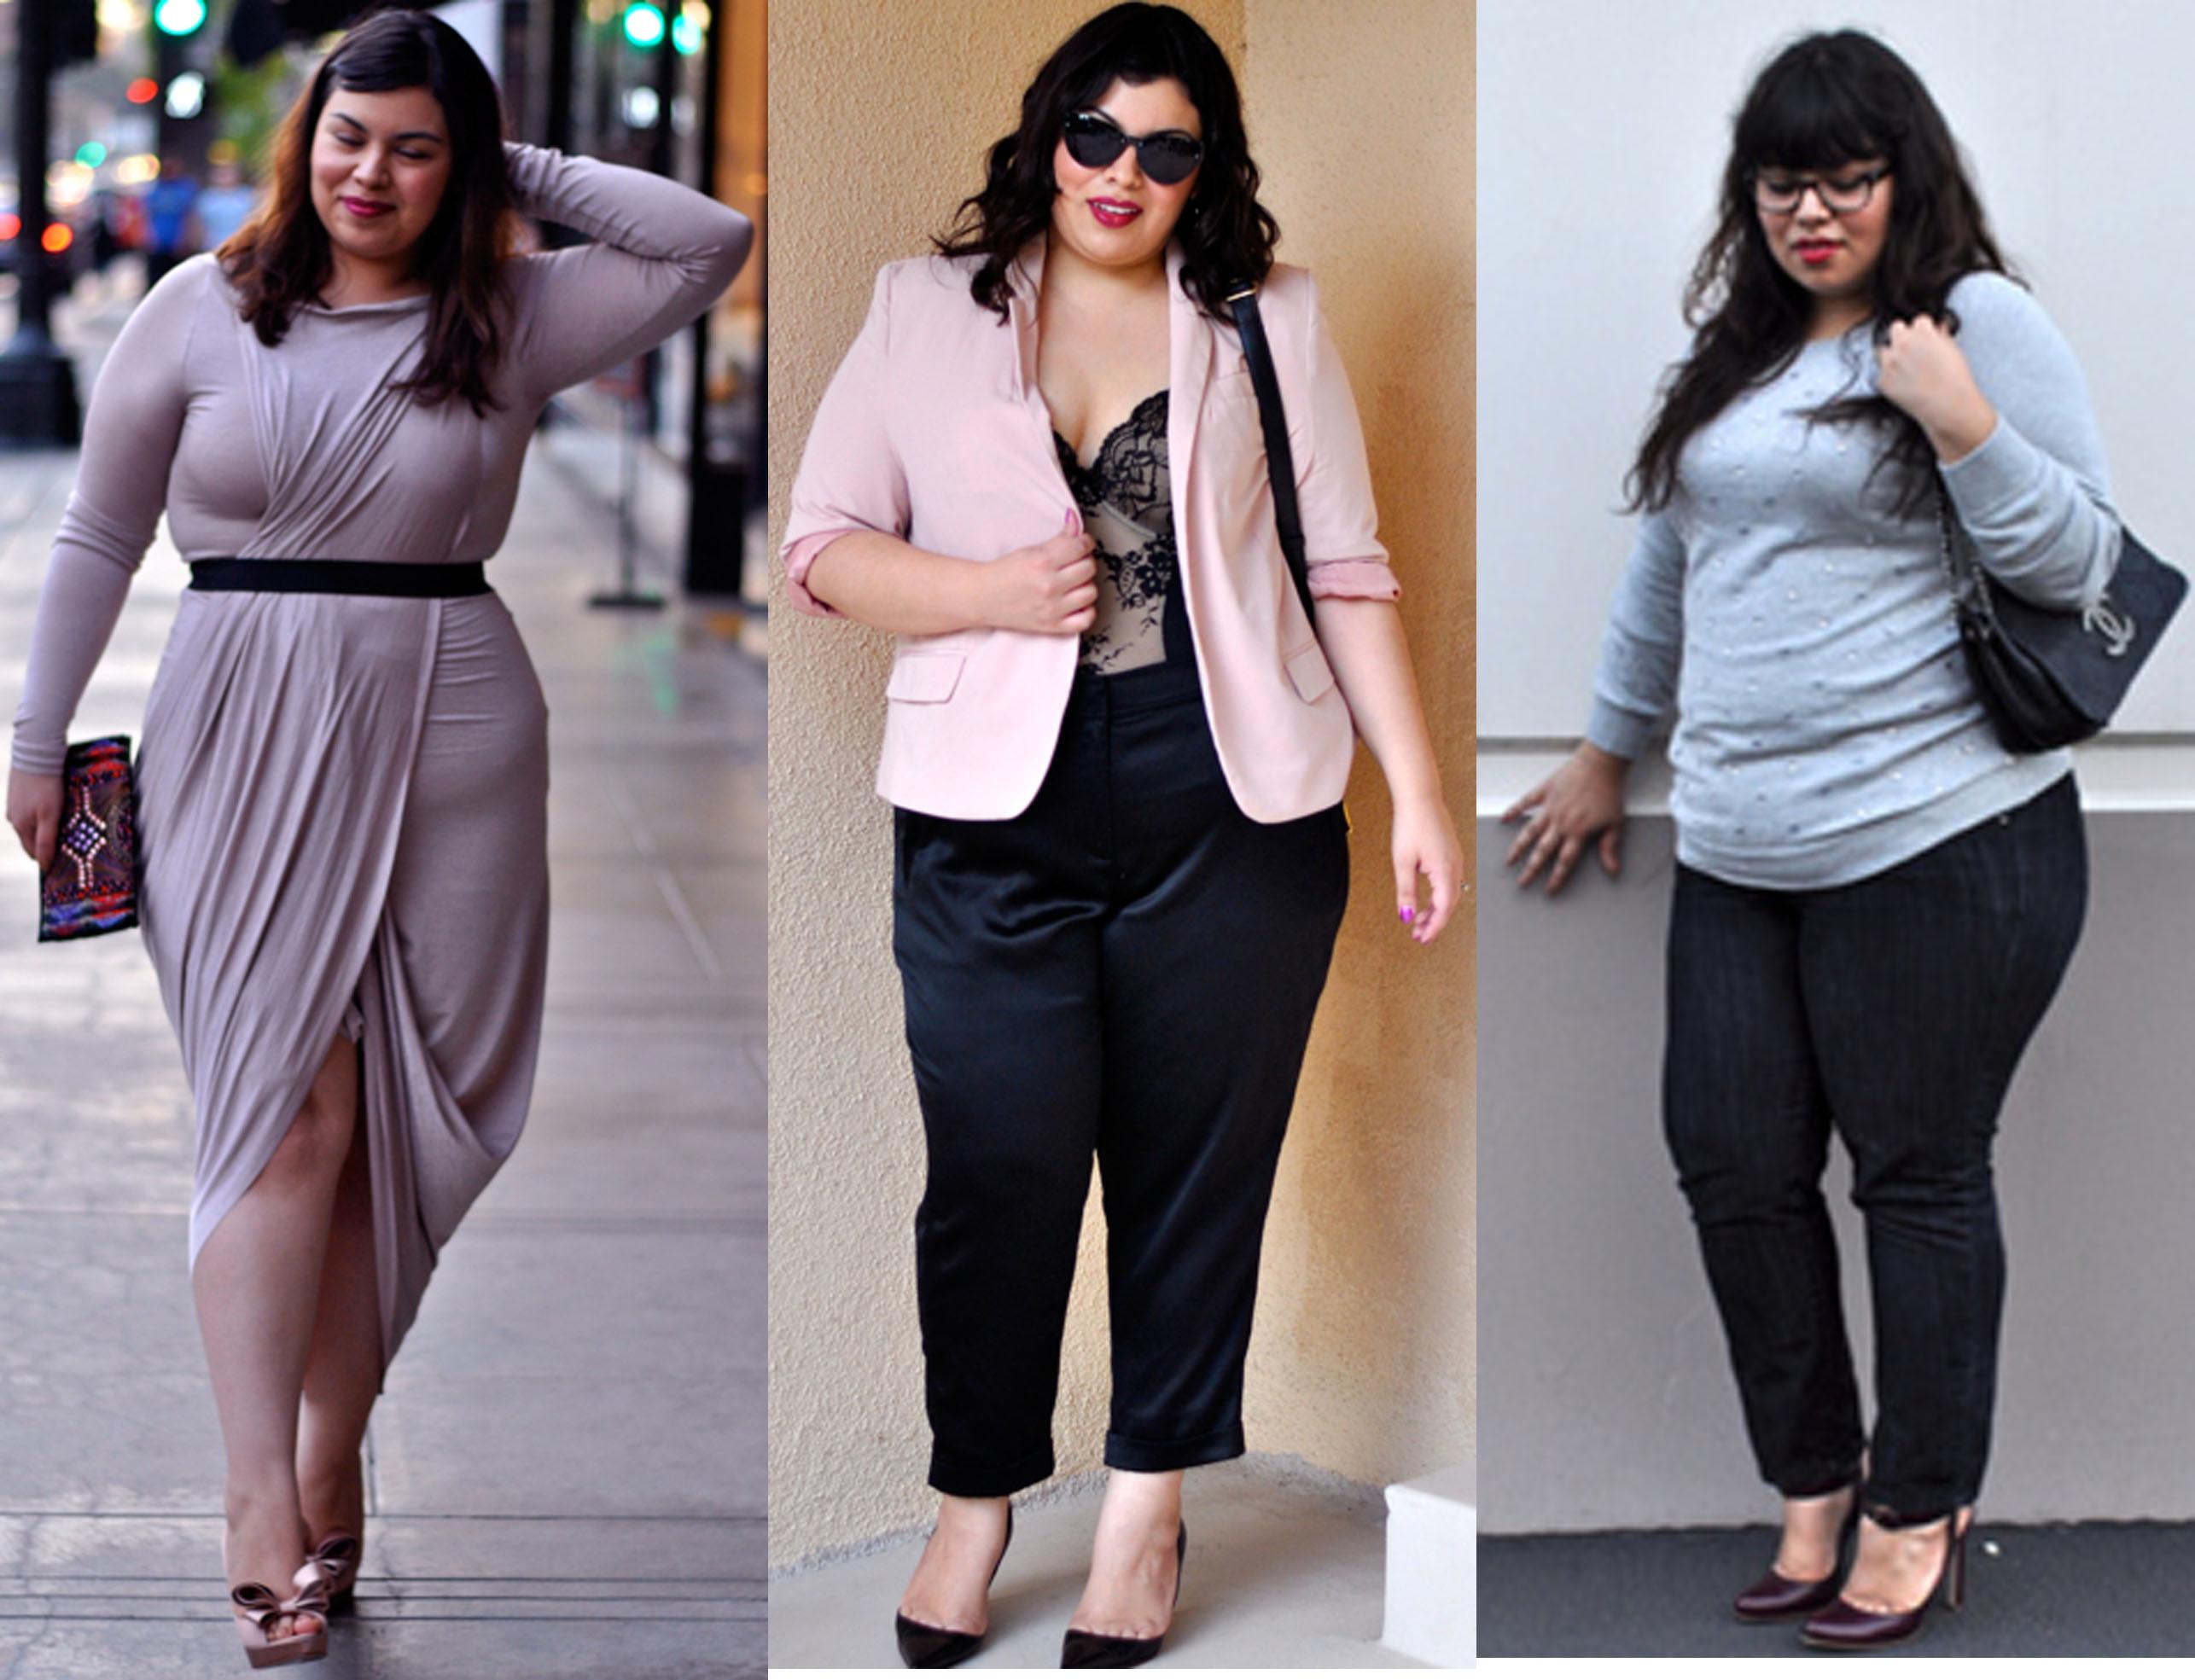 Comme son nom lindique, Girl with curves est un blog spécialement crée pour les femmes aux formes généreuses. Allure simple, mais résolument classy,